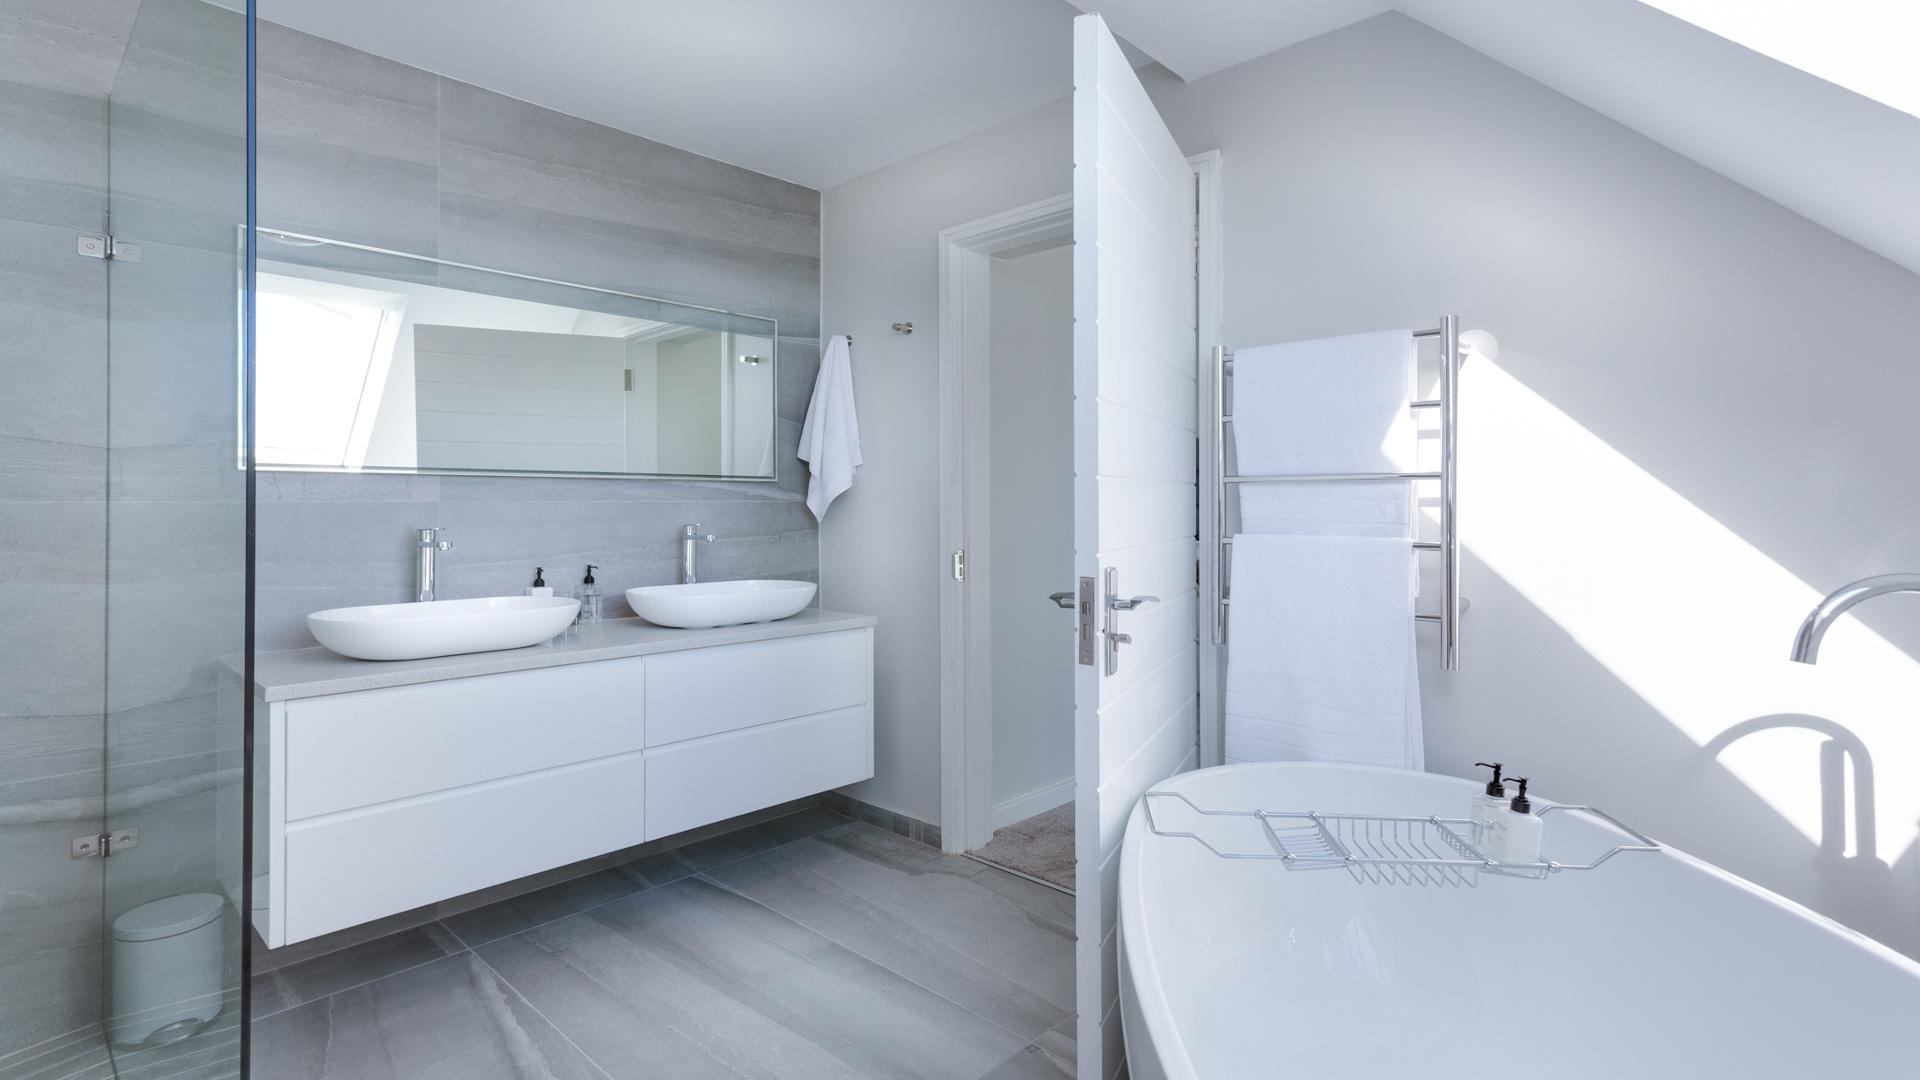 Bonito Ideas Azulejos Baños Embellecimiento - Ideas de Decoración de ...